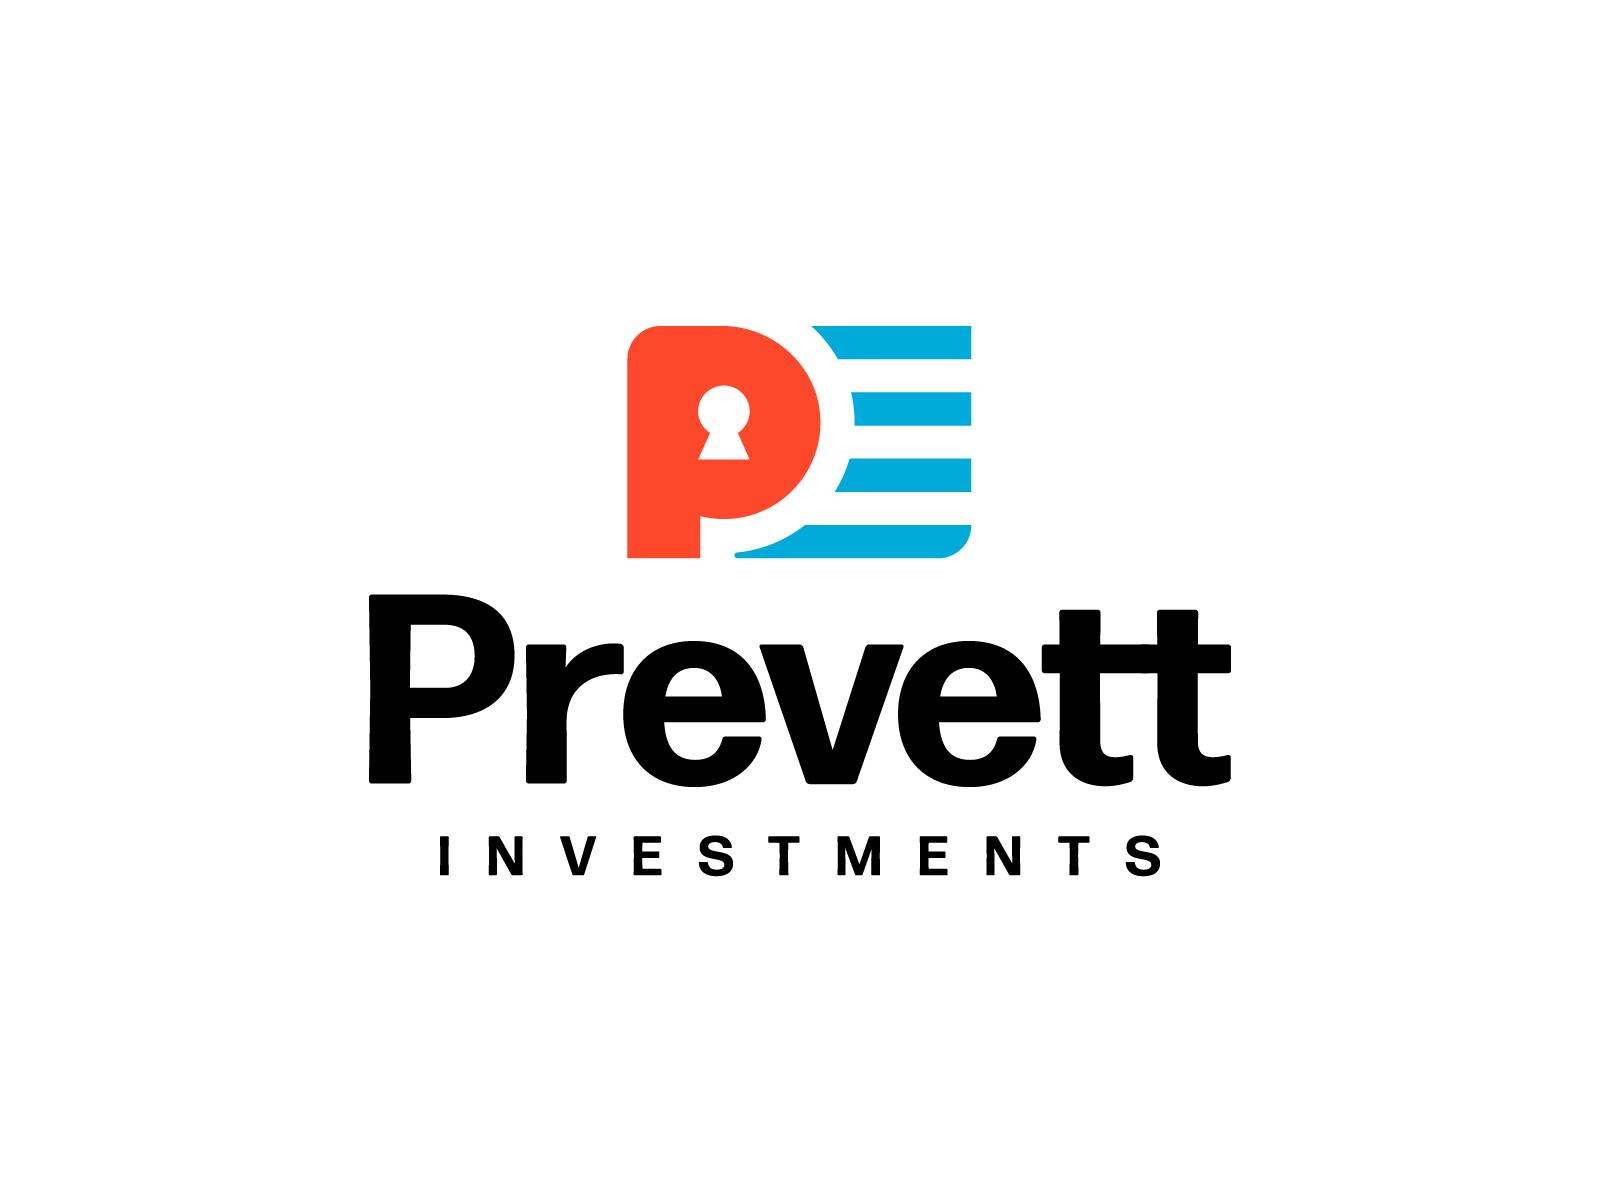 prevett2.png